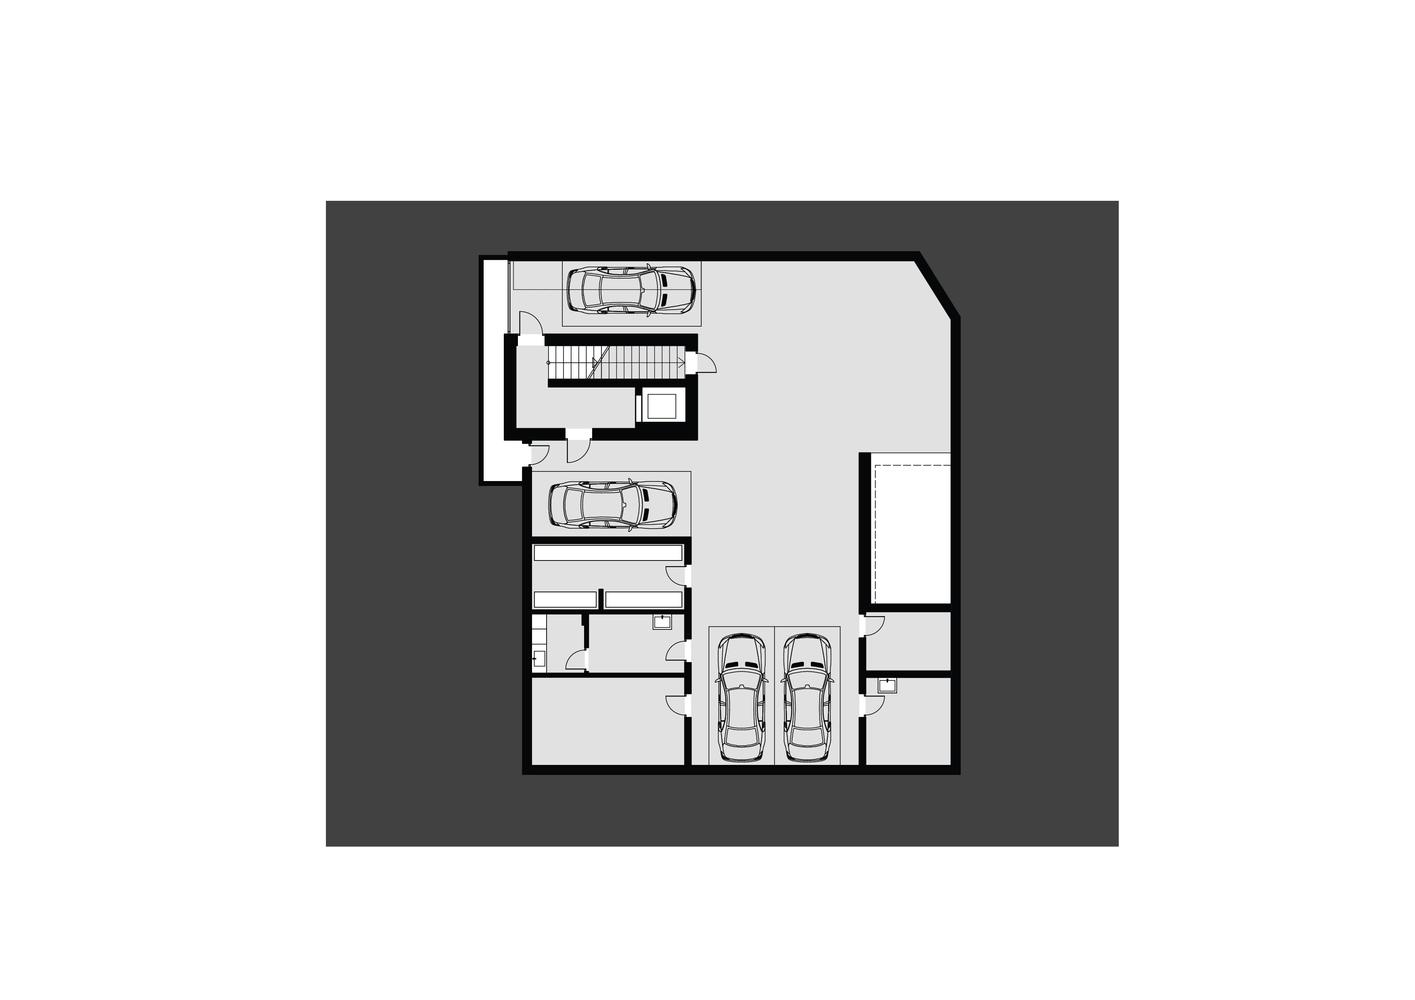 проект дома с подземным гаражом